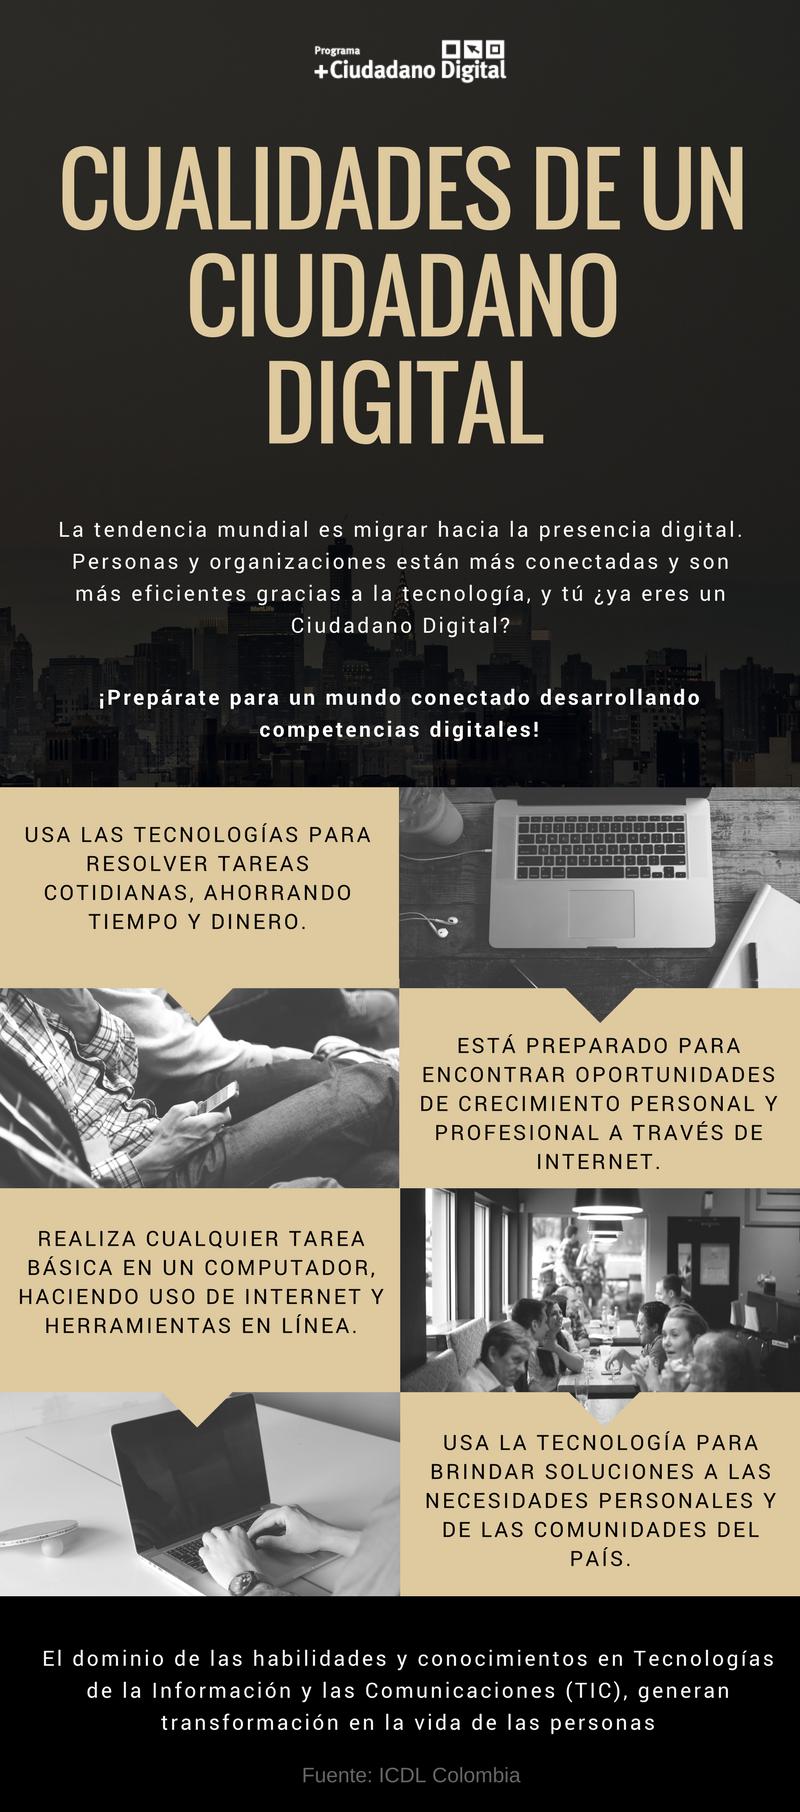 Cualidades de un Ciudadano Digital